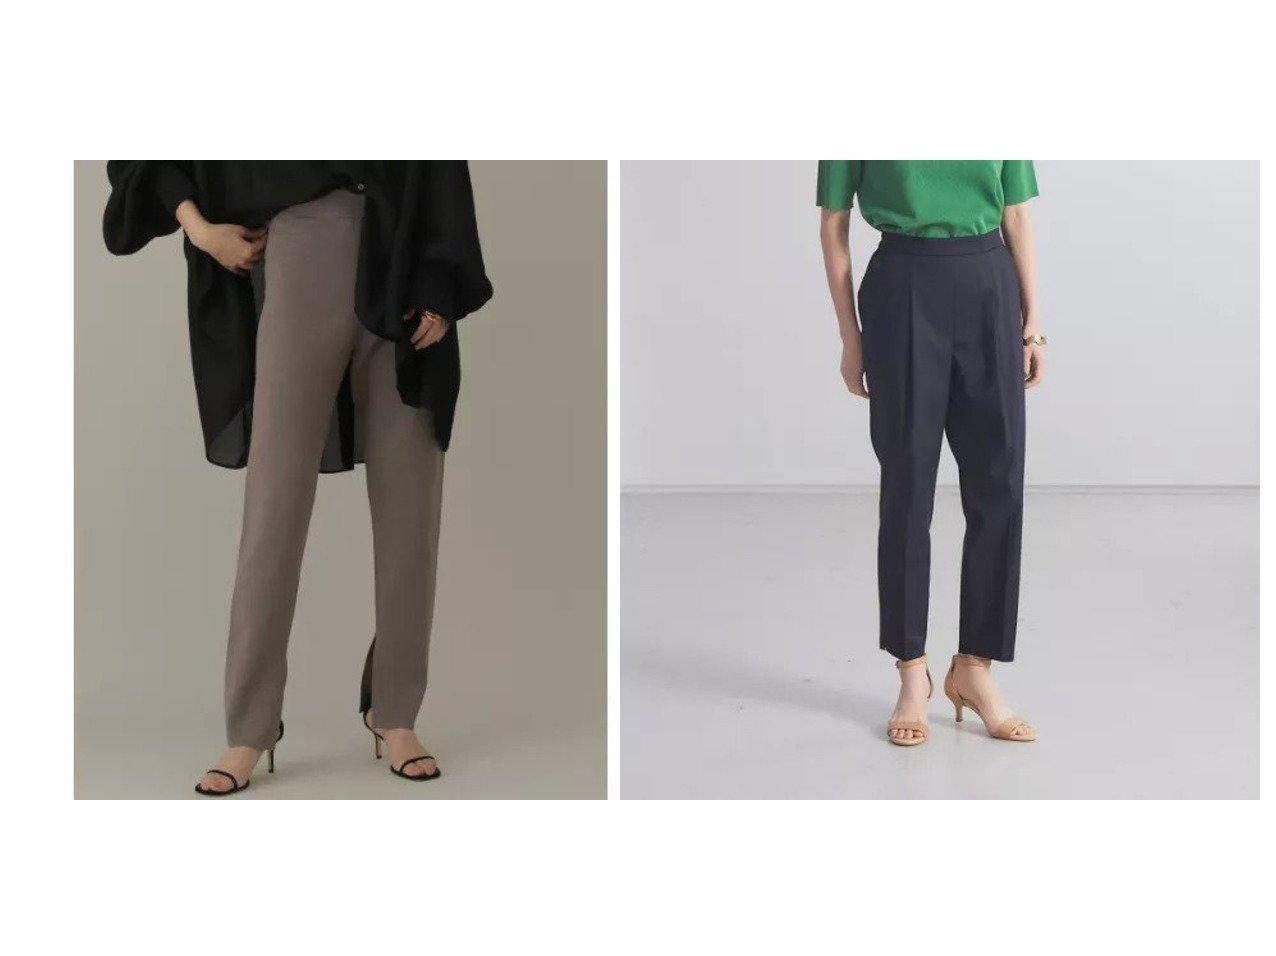 【qualite/カリテ】のサイドスリットテーパードパンツ&【Chaos/カオス】のCRシルクコンミラノスリムPT 【パンツ】おすすめ!人気、トレンド・レディースファッションの通販 おすすめで人気の流行・トレンド、ファッションの通販商品 インテリア・家具・メンズファッション・キッズファッション・レディースファッション・服の通販 founy(ファニー) https://founy.com/ ファッション Fashion レディースファッション WOMEN パンツ Pants おすすめ Recommend キャミソール シルク ストレッチ スリット スリム セットアップ バランス パターン ミラノリブ レギンス 人気 カットソー フラット フロント 定番 Standard |ID:crp329100000053115